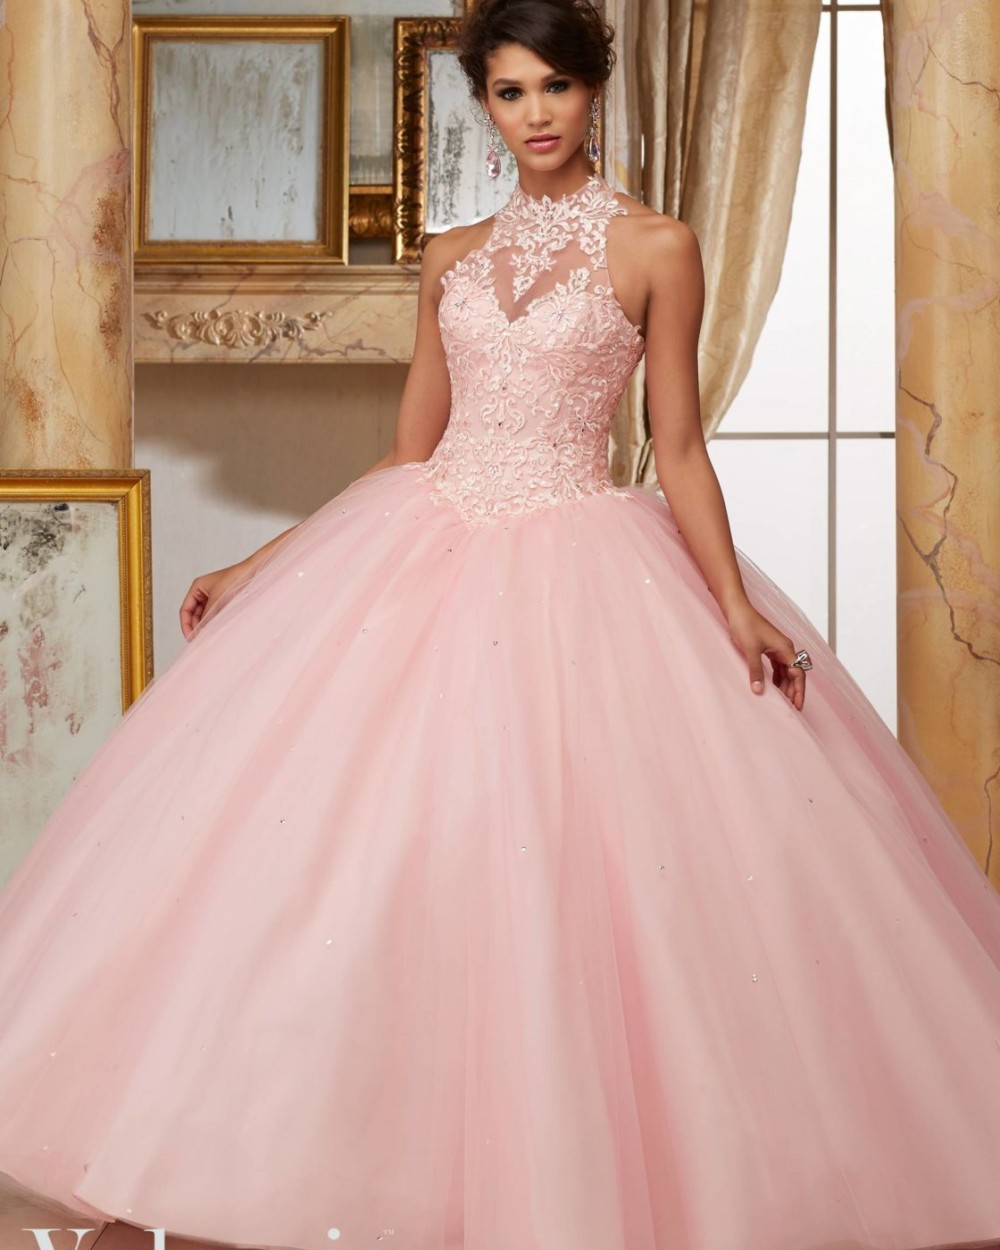 2a5bbf07f Corsé rosa claro vestido de quinceanera simple apliques de cuello alto  vestido de debutante vestido fuera del hombro sweet 17 vestidos vestido 17  anos en ...